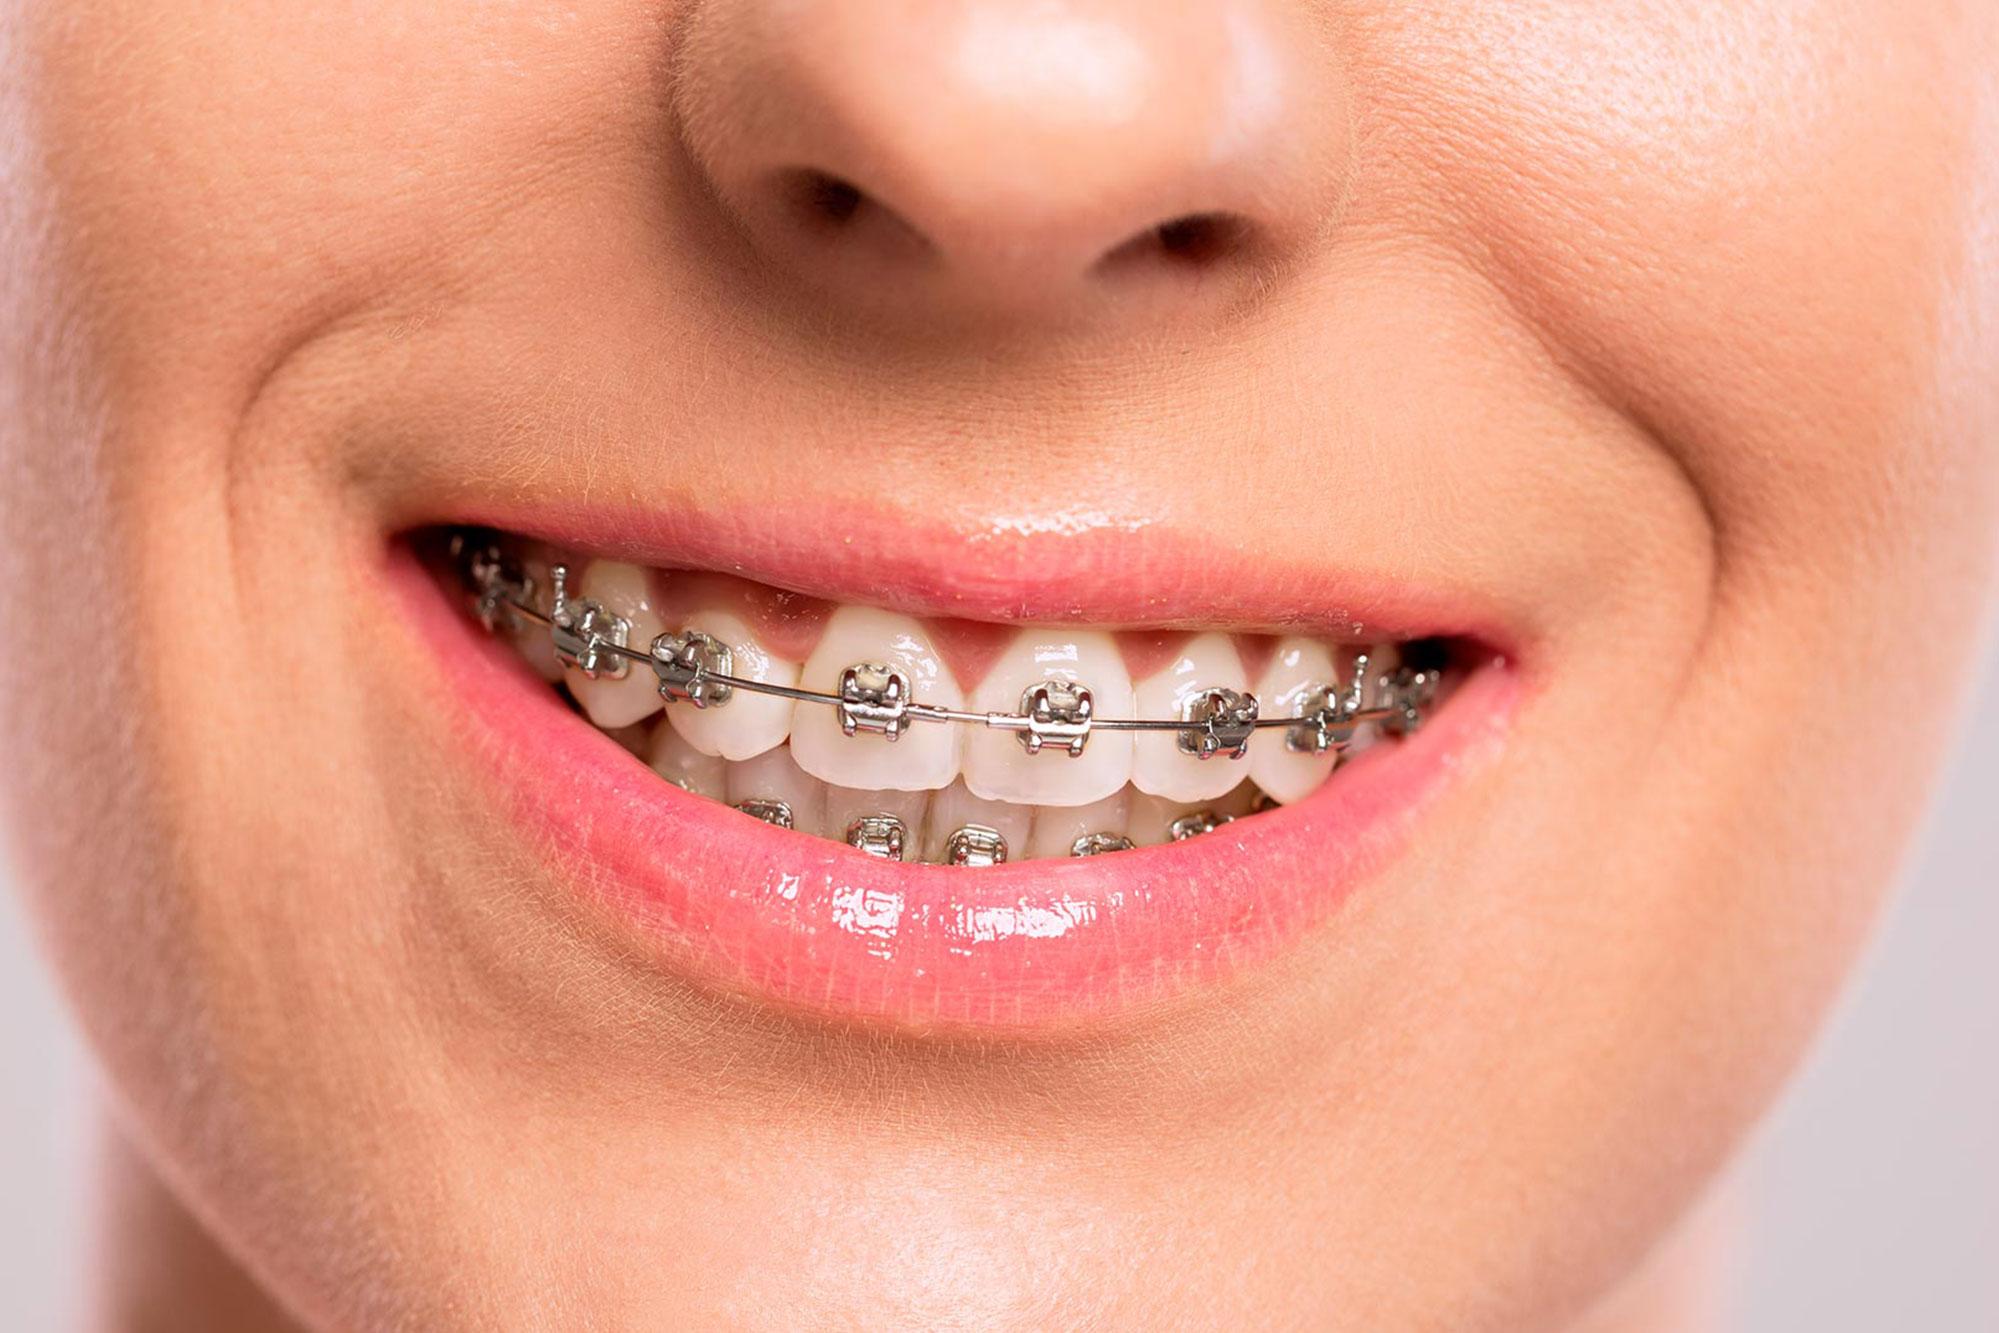 Você sabe o que é clareamento? - image aparelho-ortodontico on https://molinosodontologia.com.br